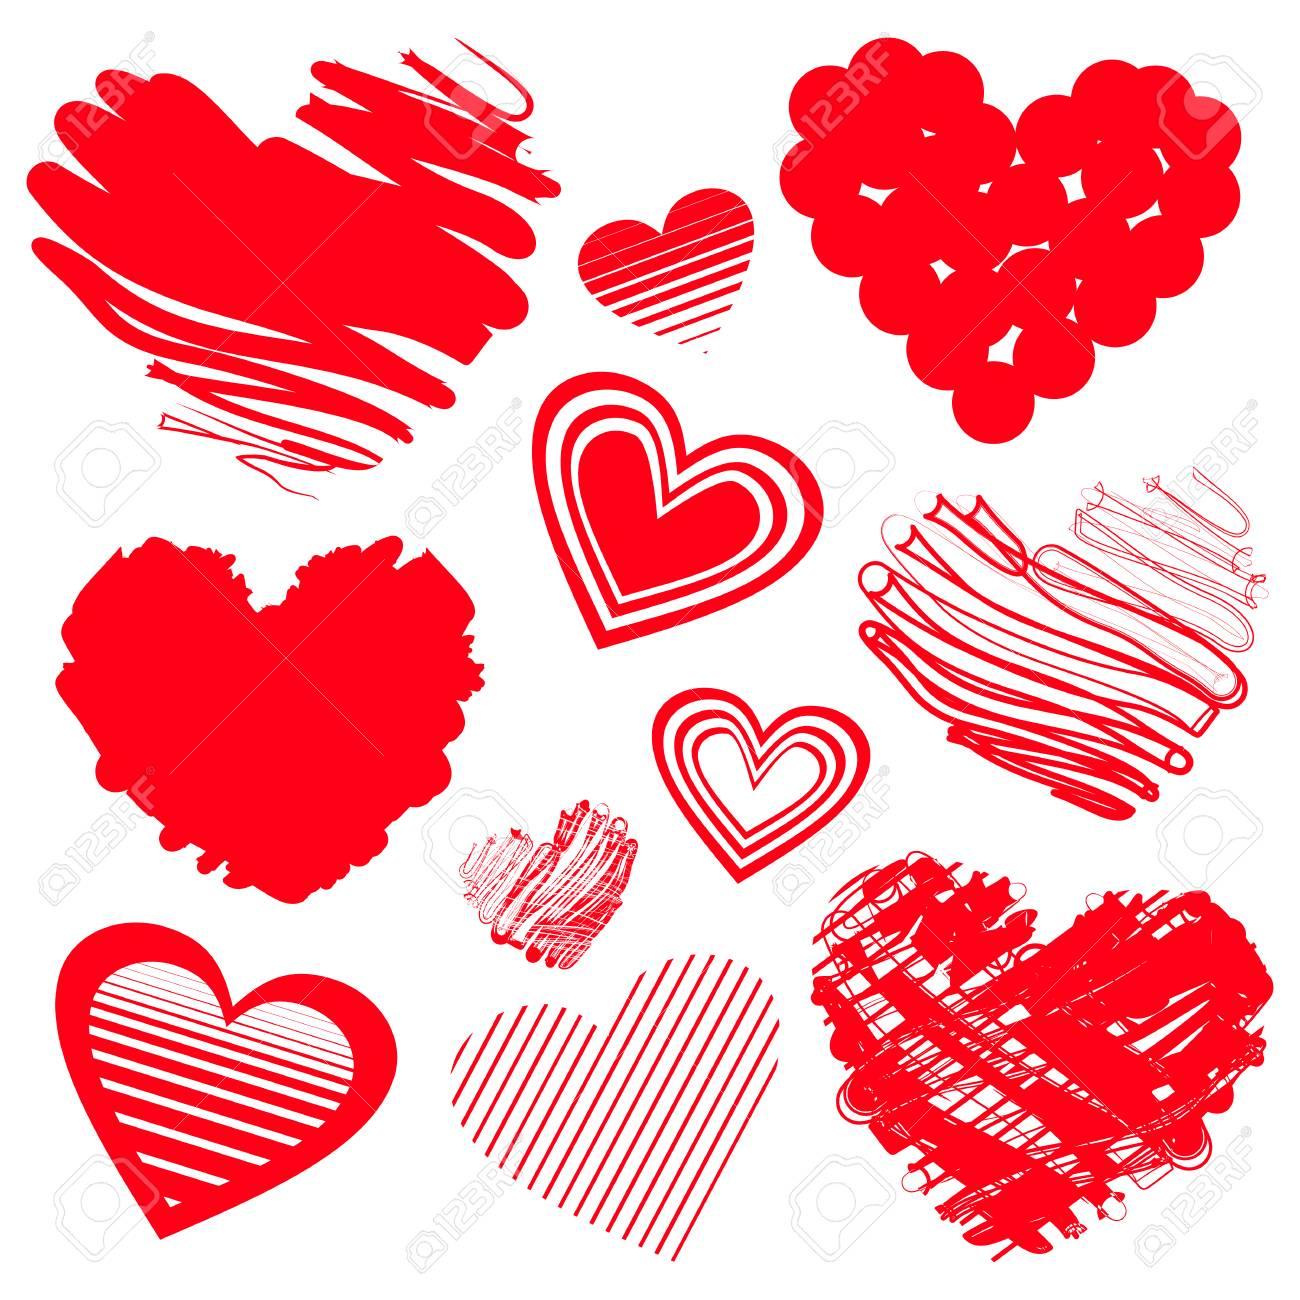 Icones De Coeur Rouge Illustration Vectorielle Pour Le Design